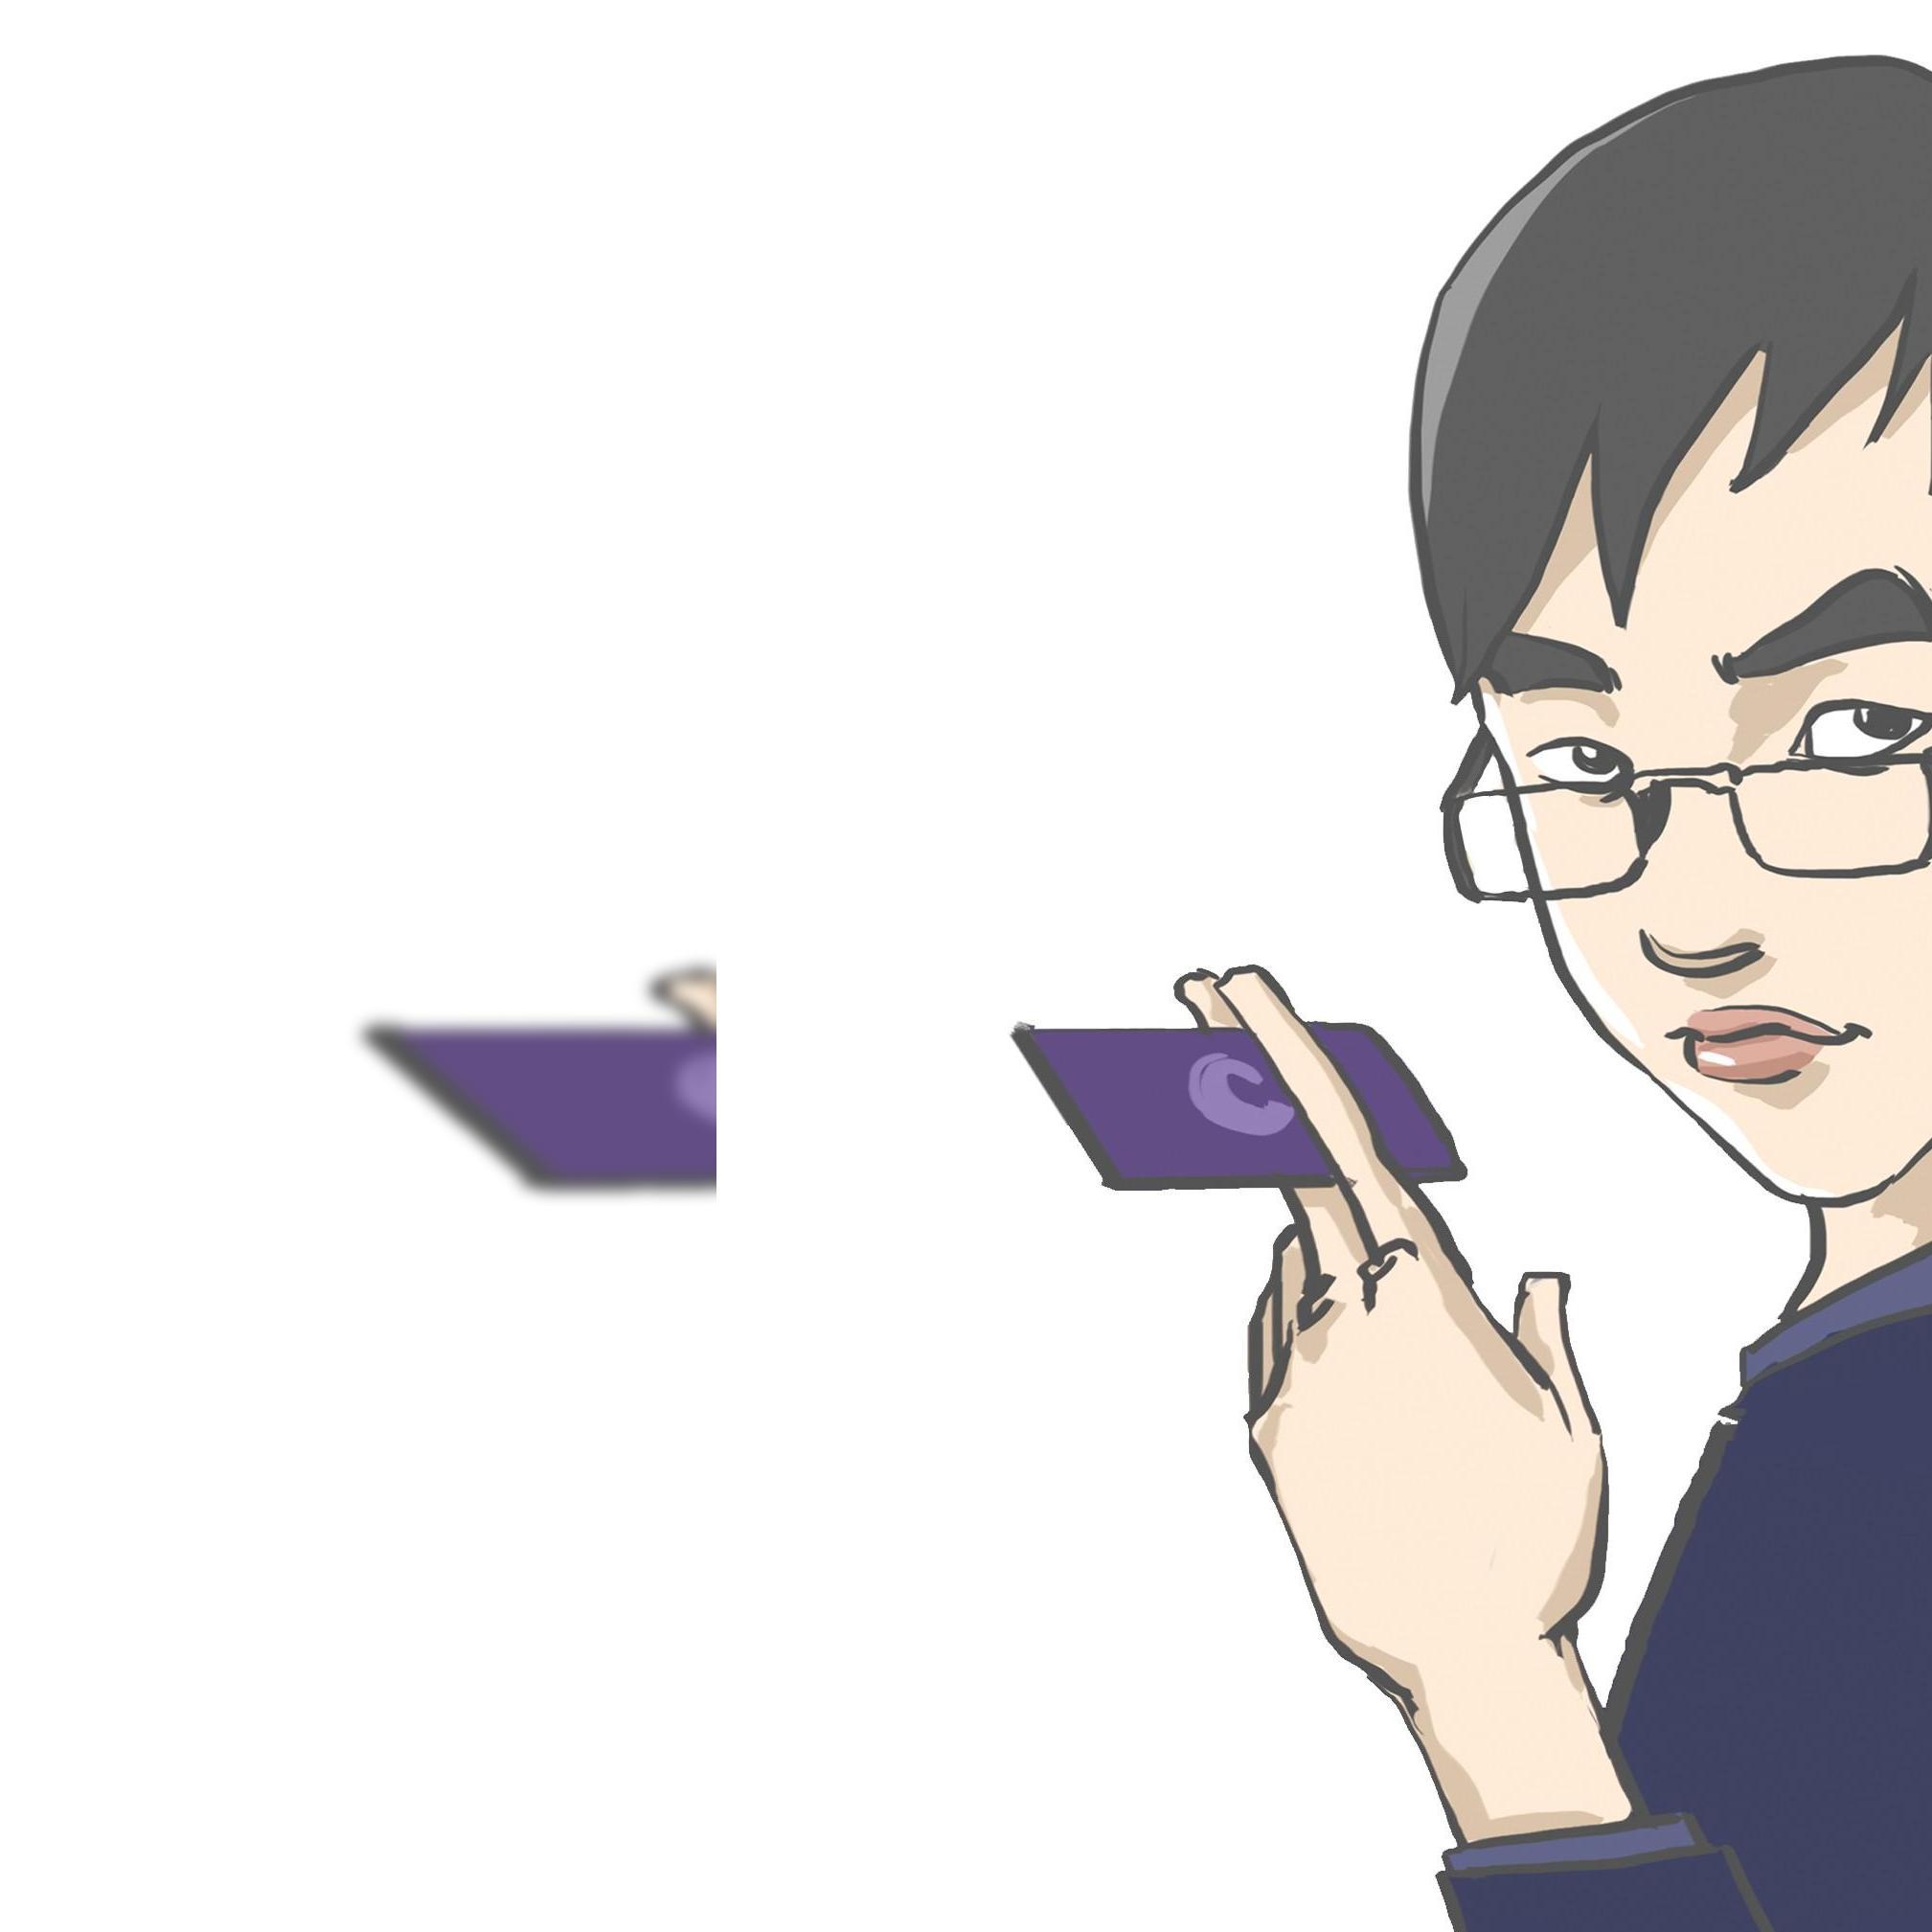 动漫 卡通 漫画 头像 2017_2017